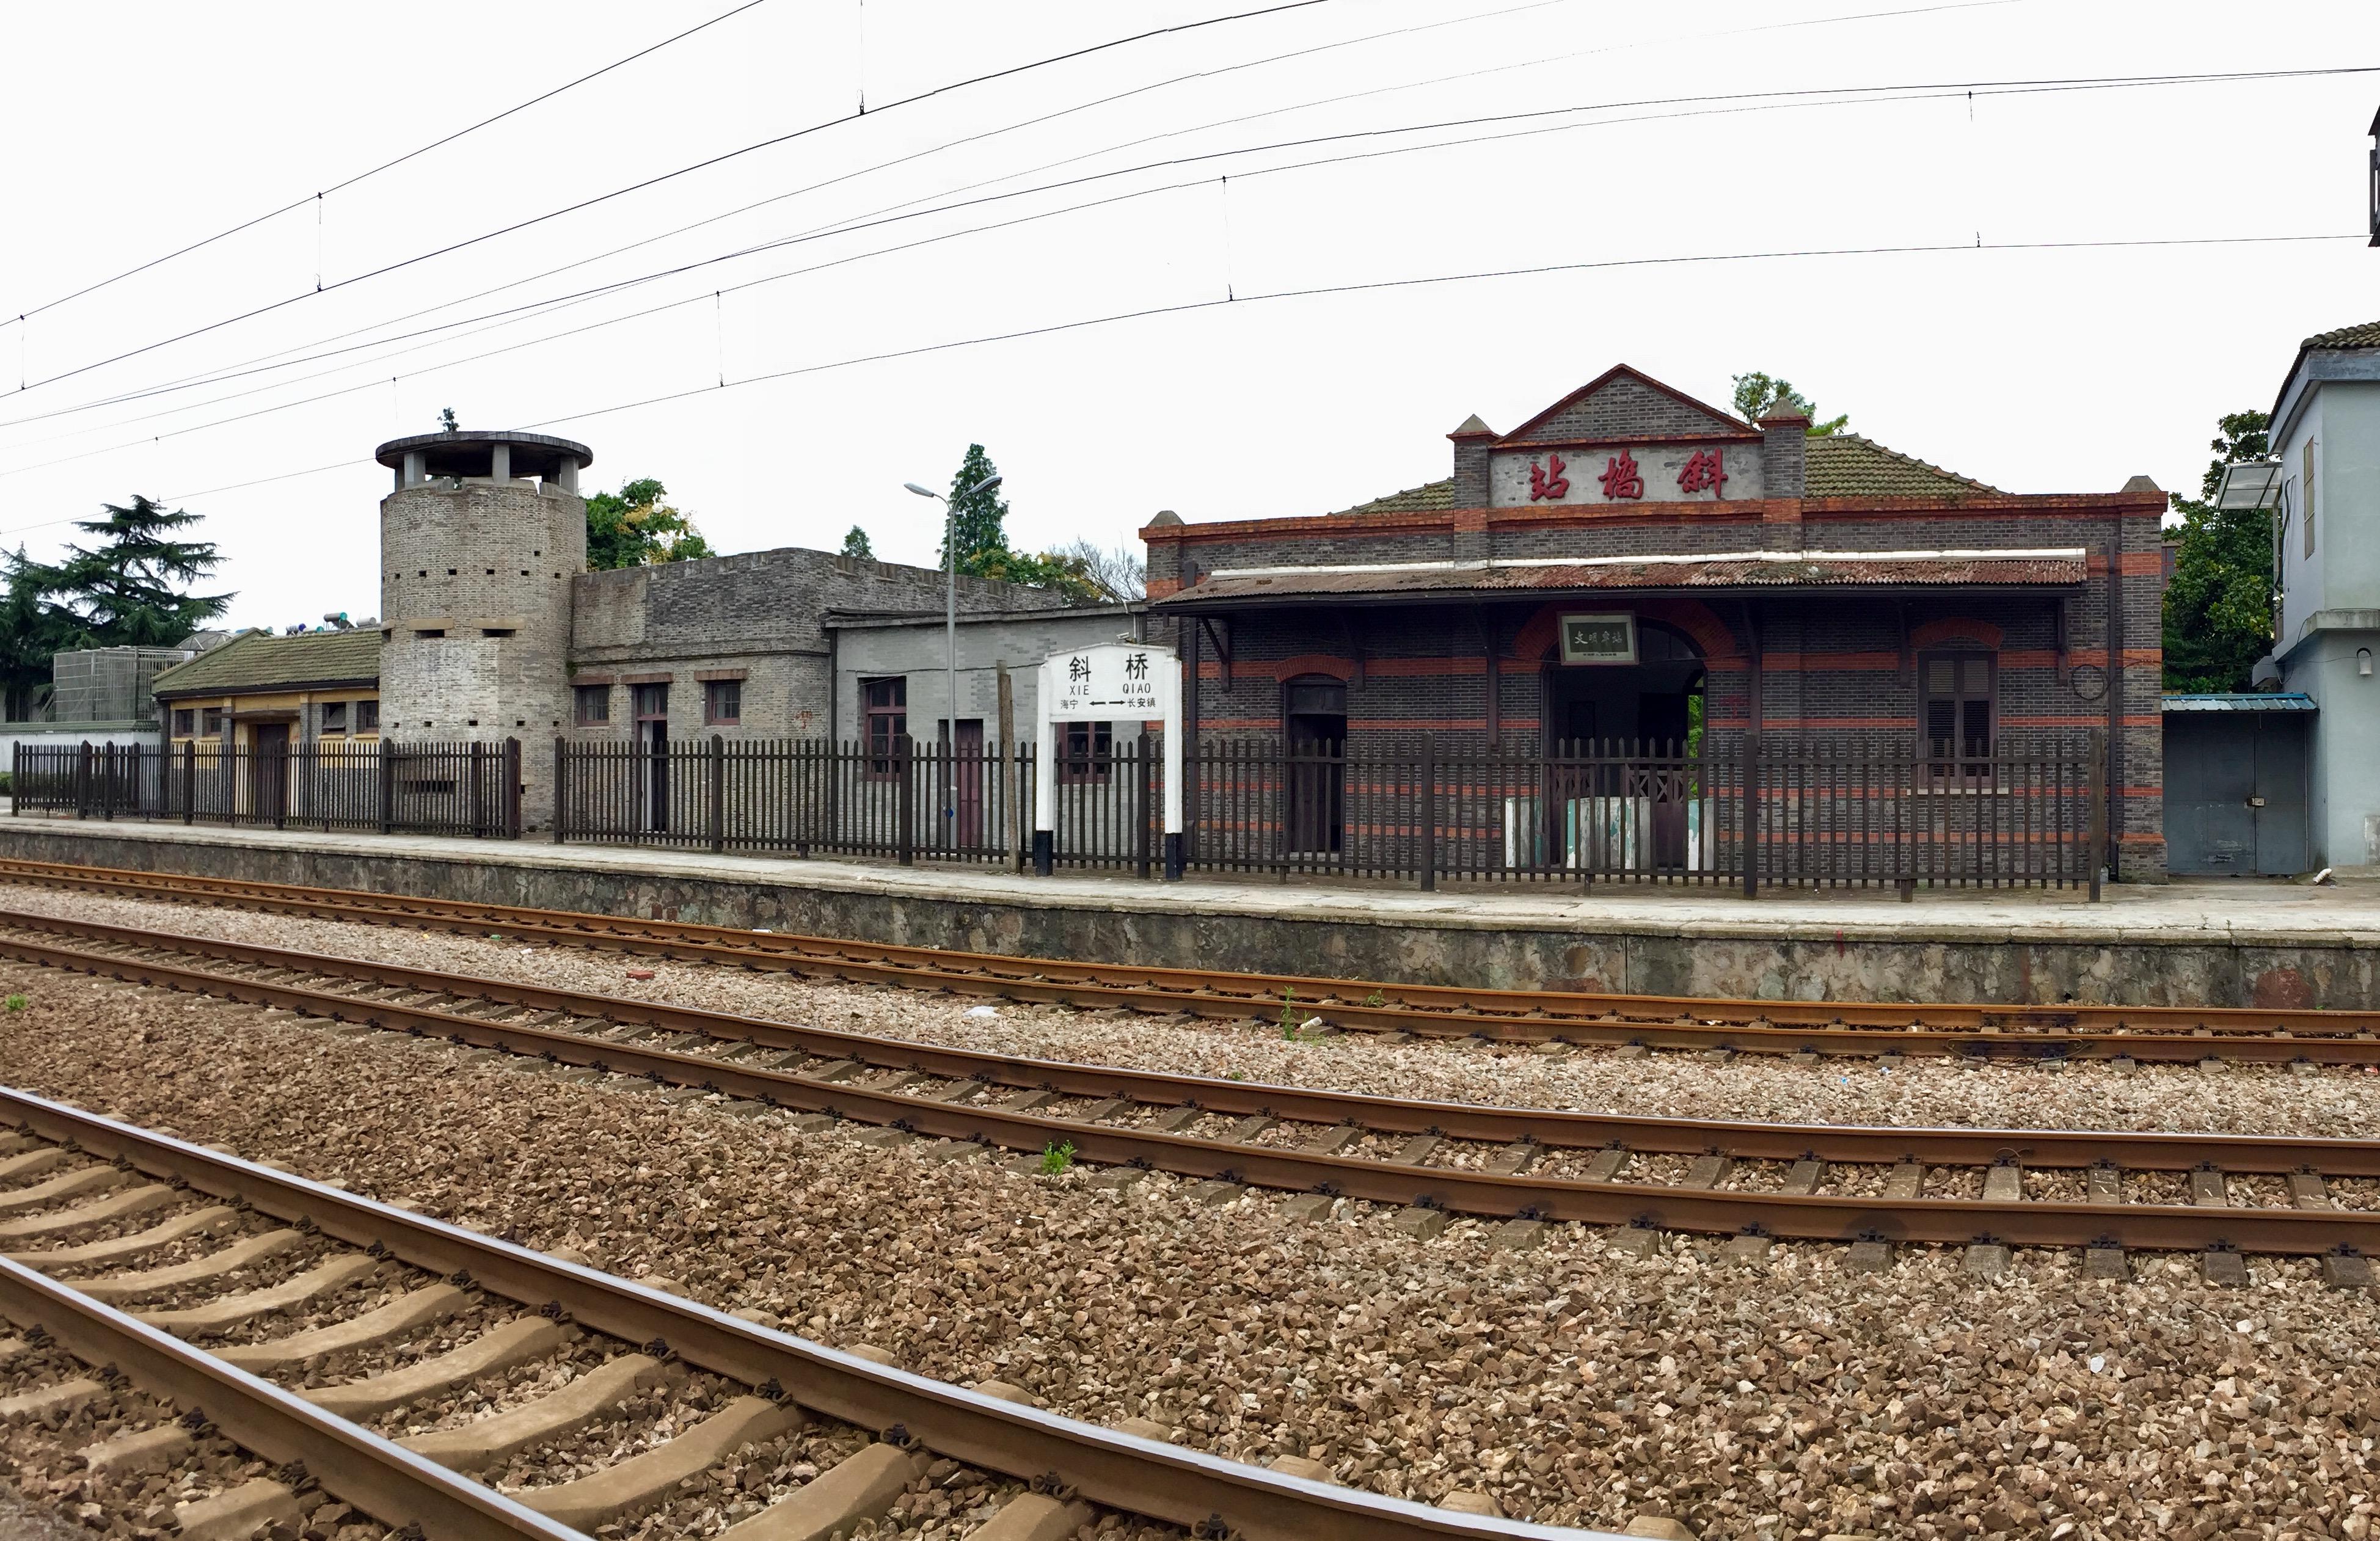 斜桥站站房和一旁的侵华日军炮楼见证了那一段峥嵘岁月。新华社记者魏一骏摄